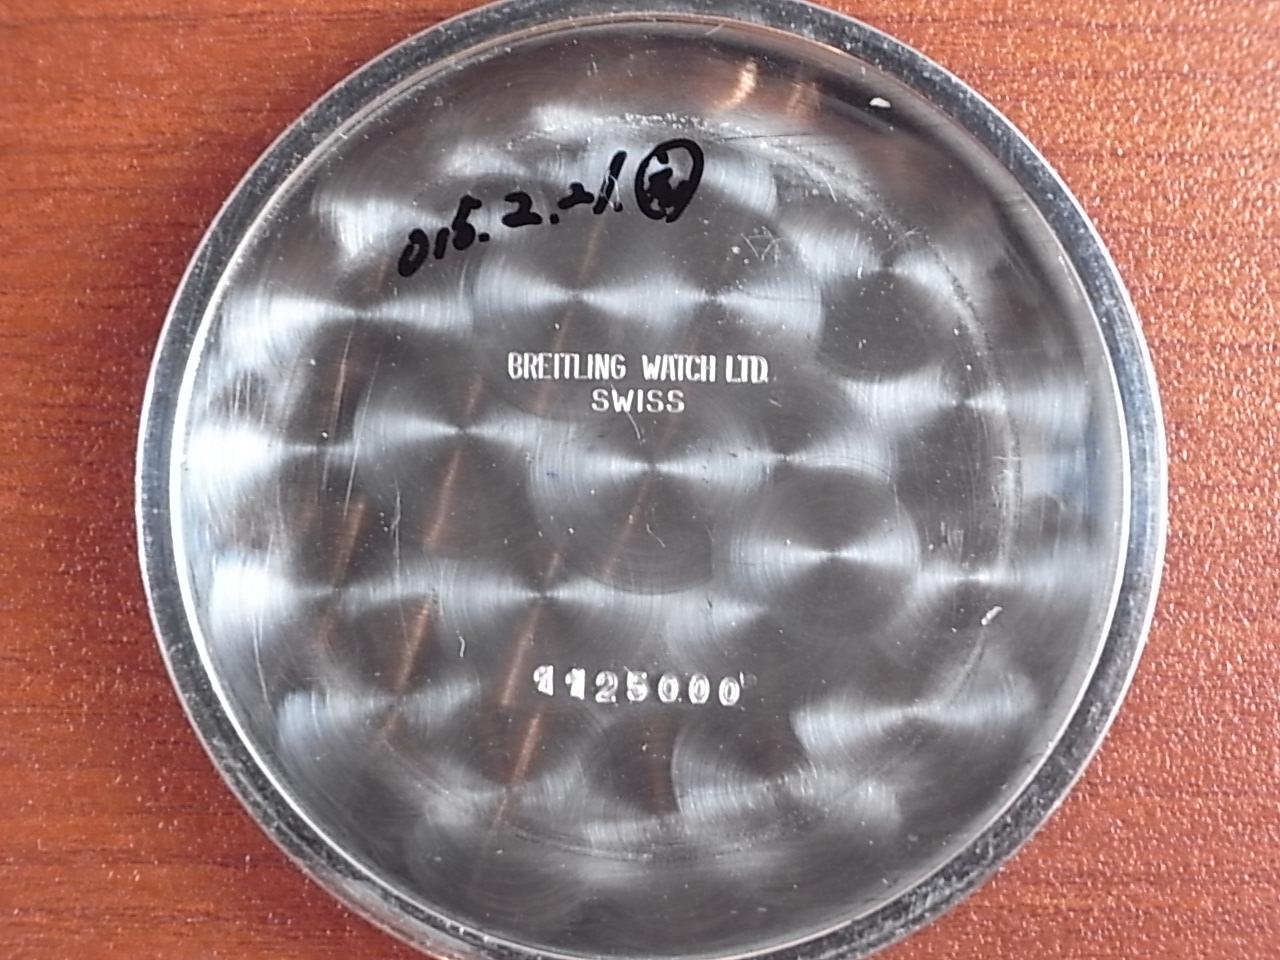 ブライトリング コスモノート ナビタイマー 24時間時計 1960年代の写真6枚目